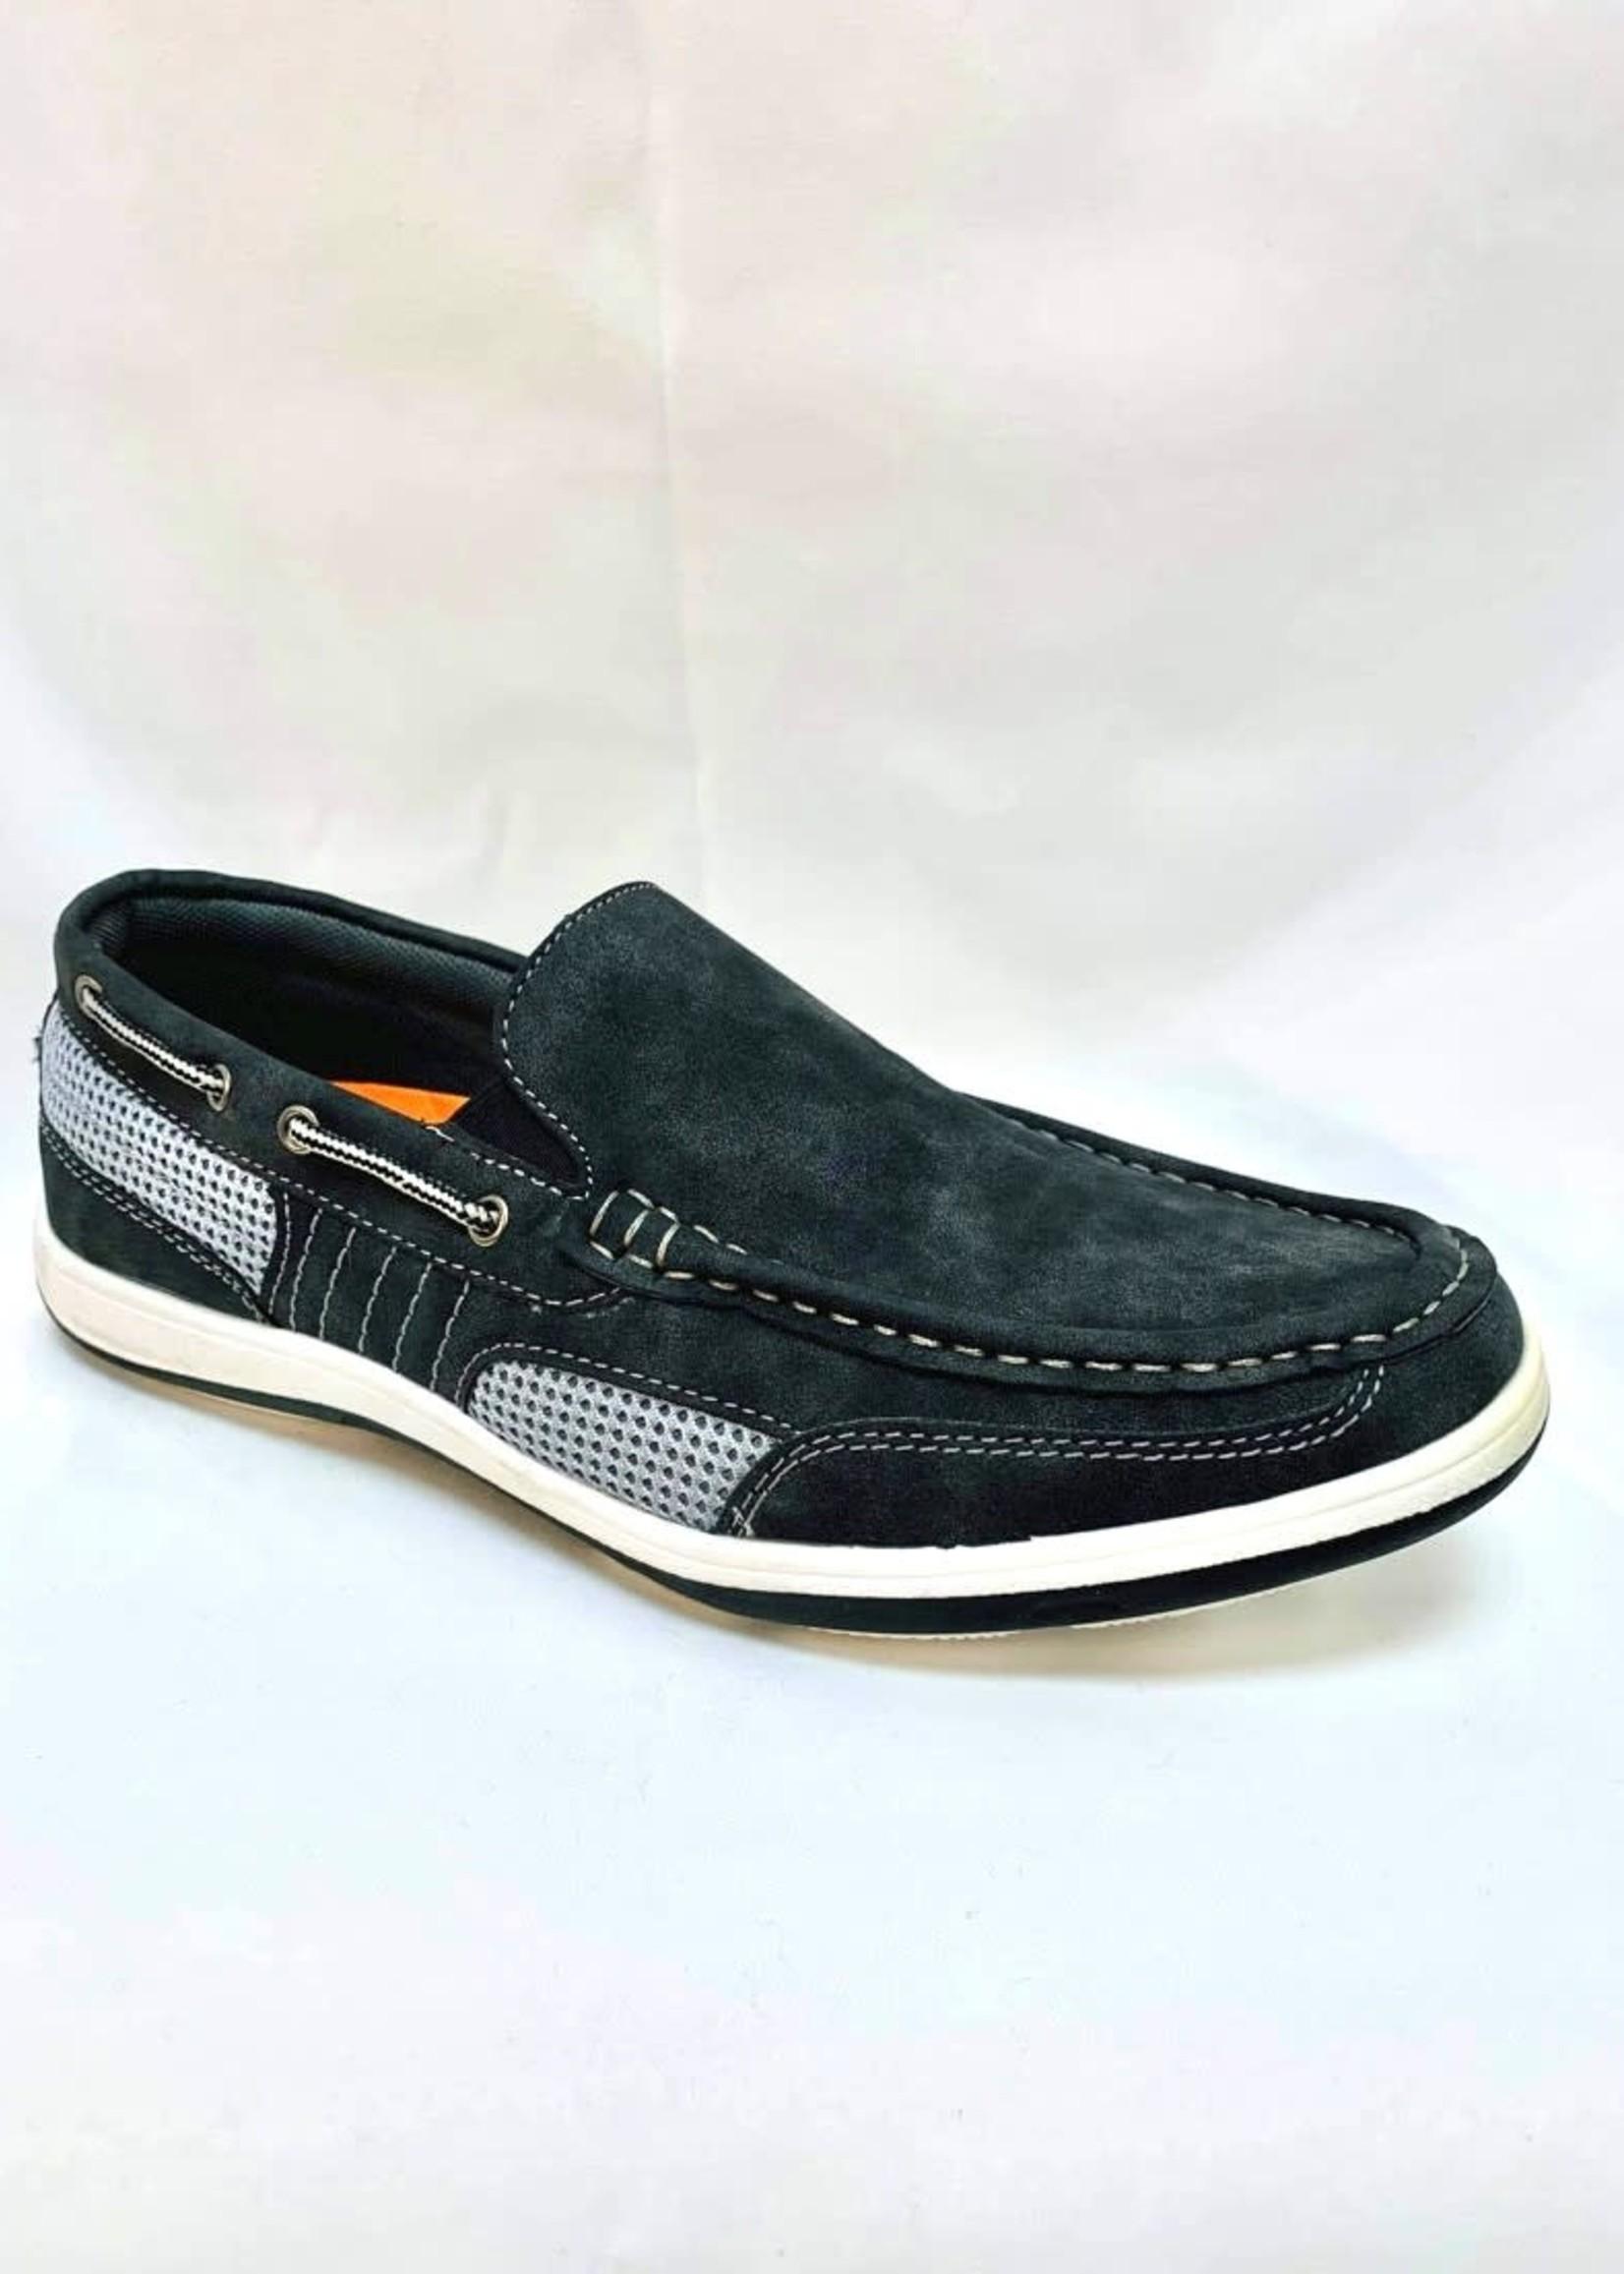 Gardella Black Loafer